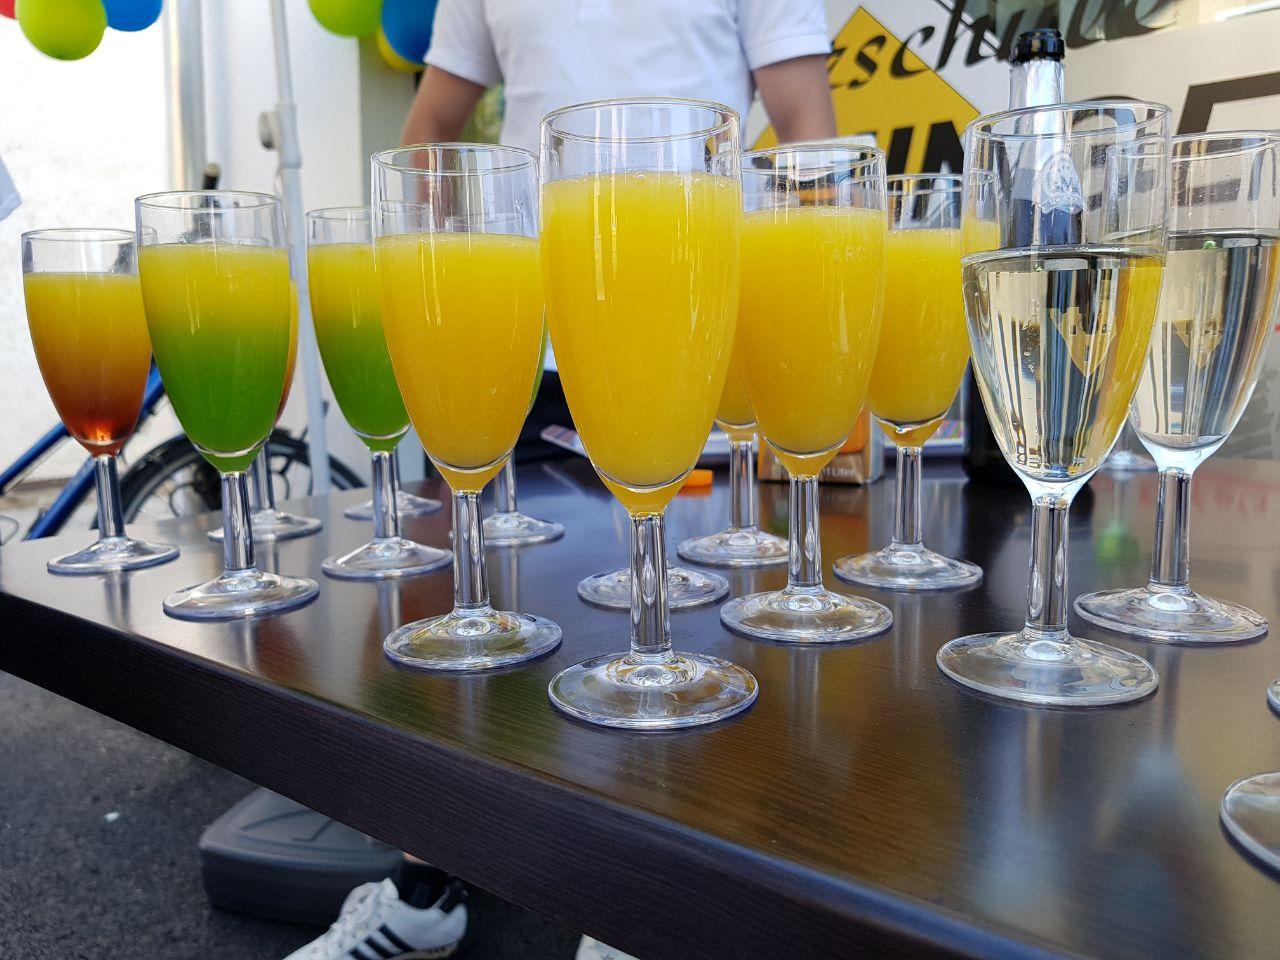 Hier ein paar Bilder zur Eröffnung, die Getränke waren natürlich ...